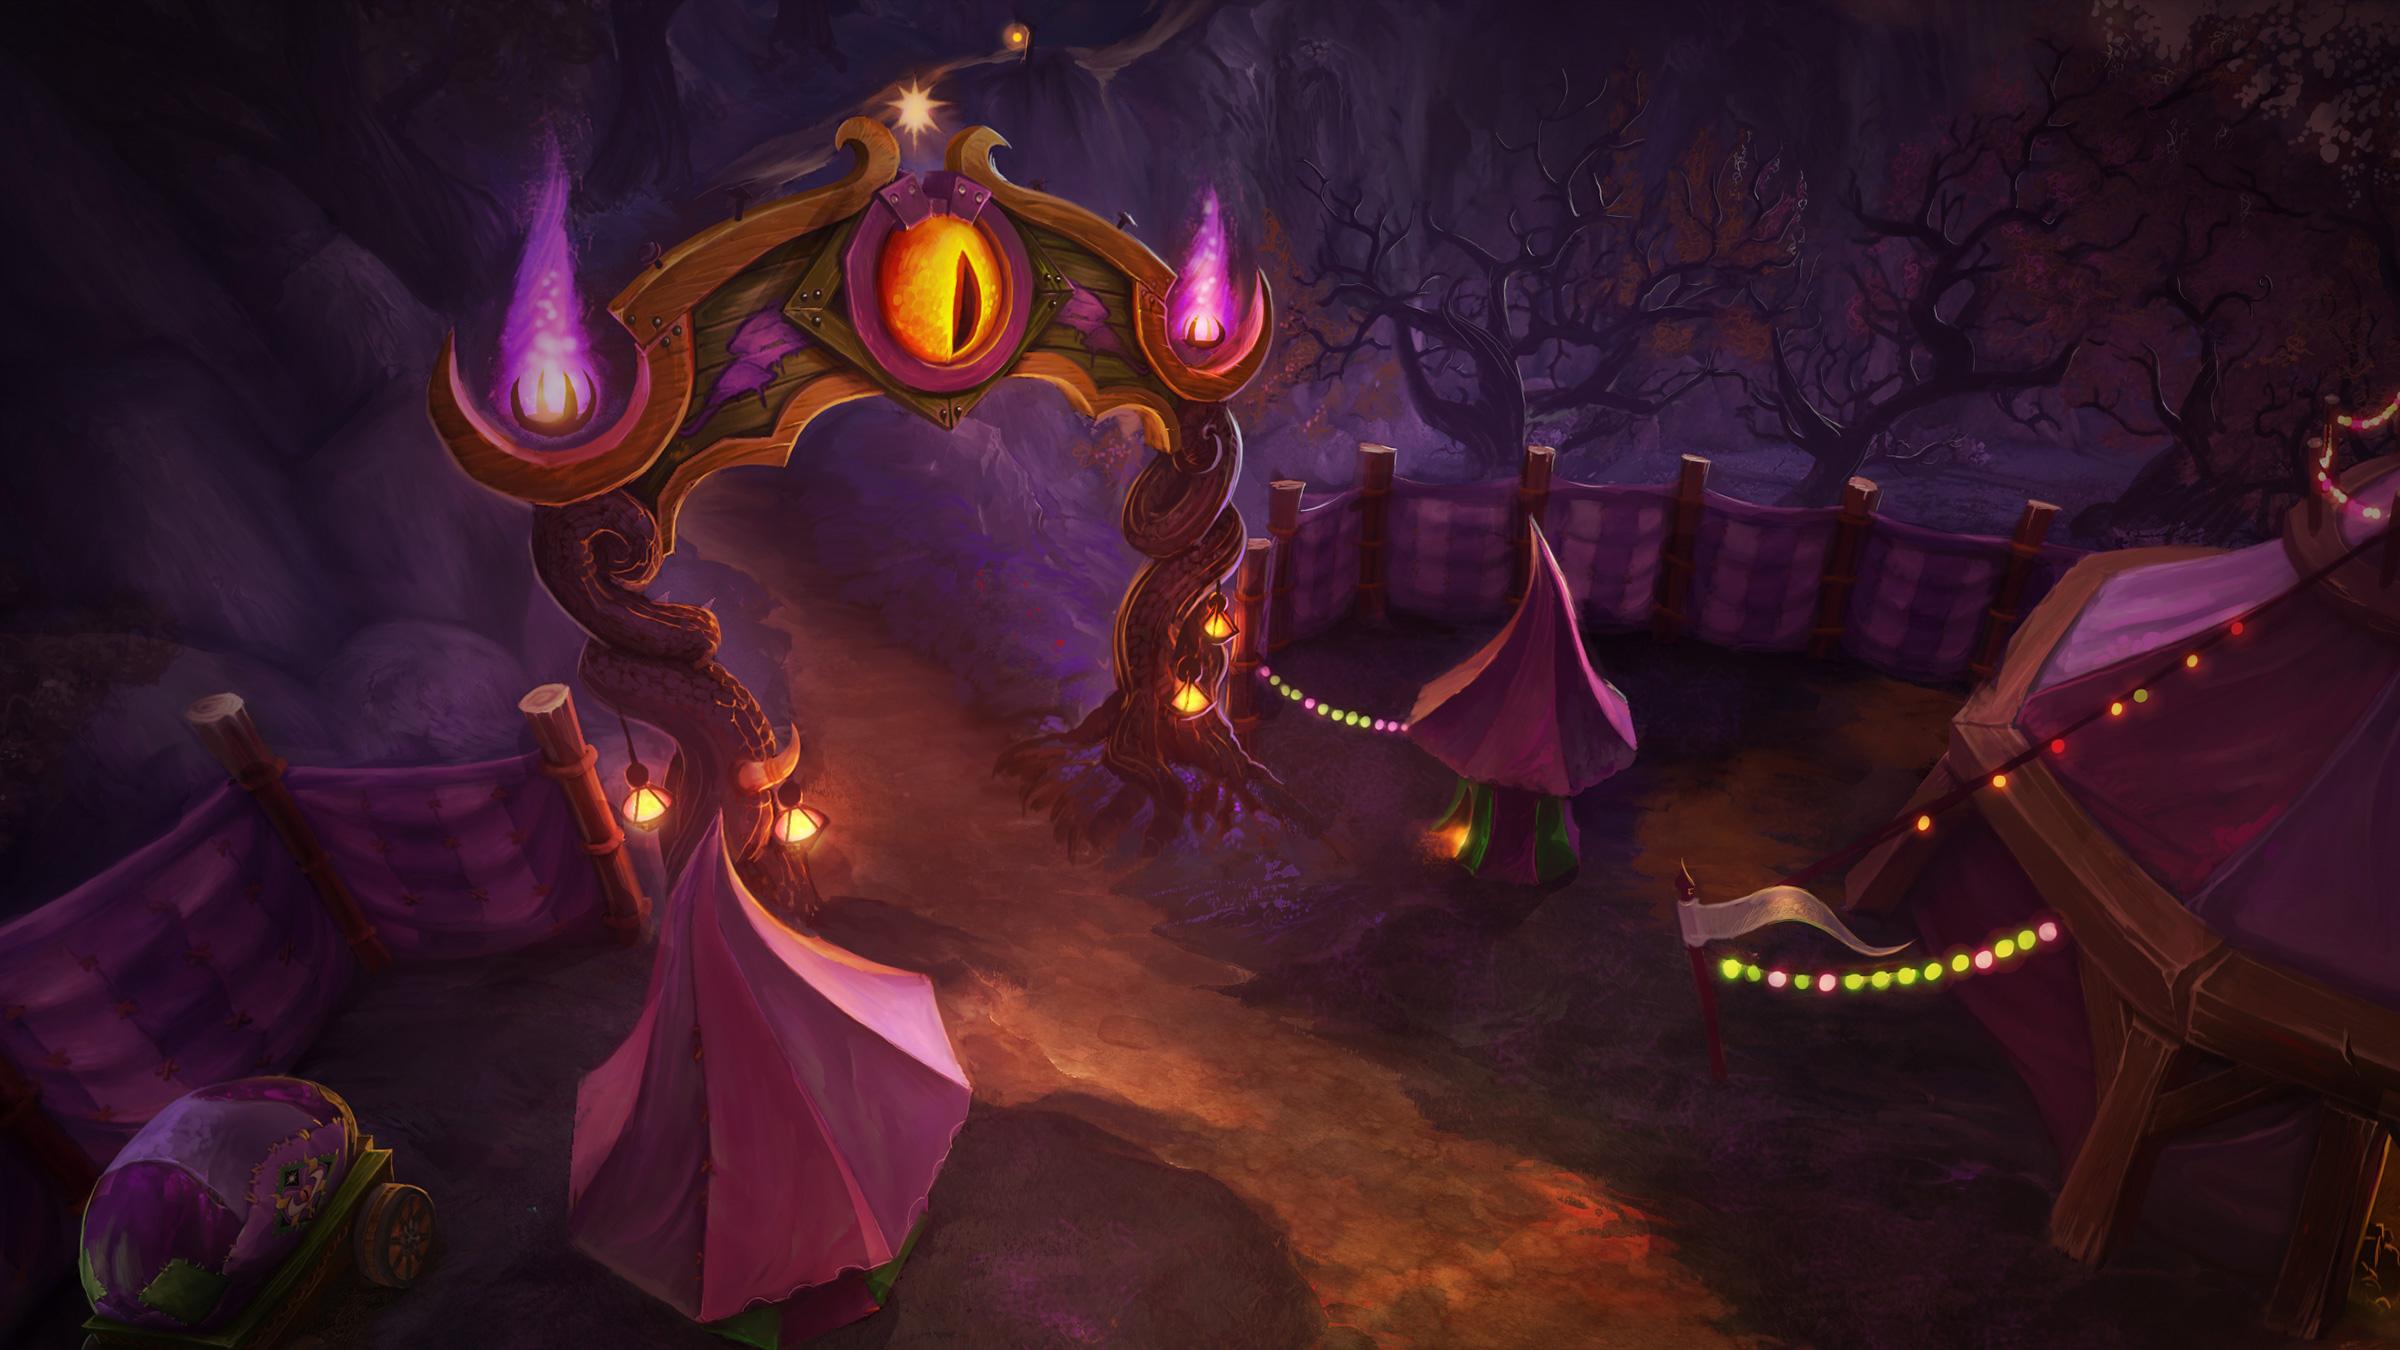 Artwork de la Foire de Sombrelune dans World of Warcraft